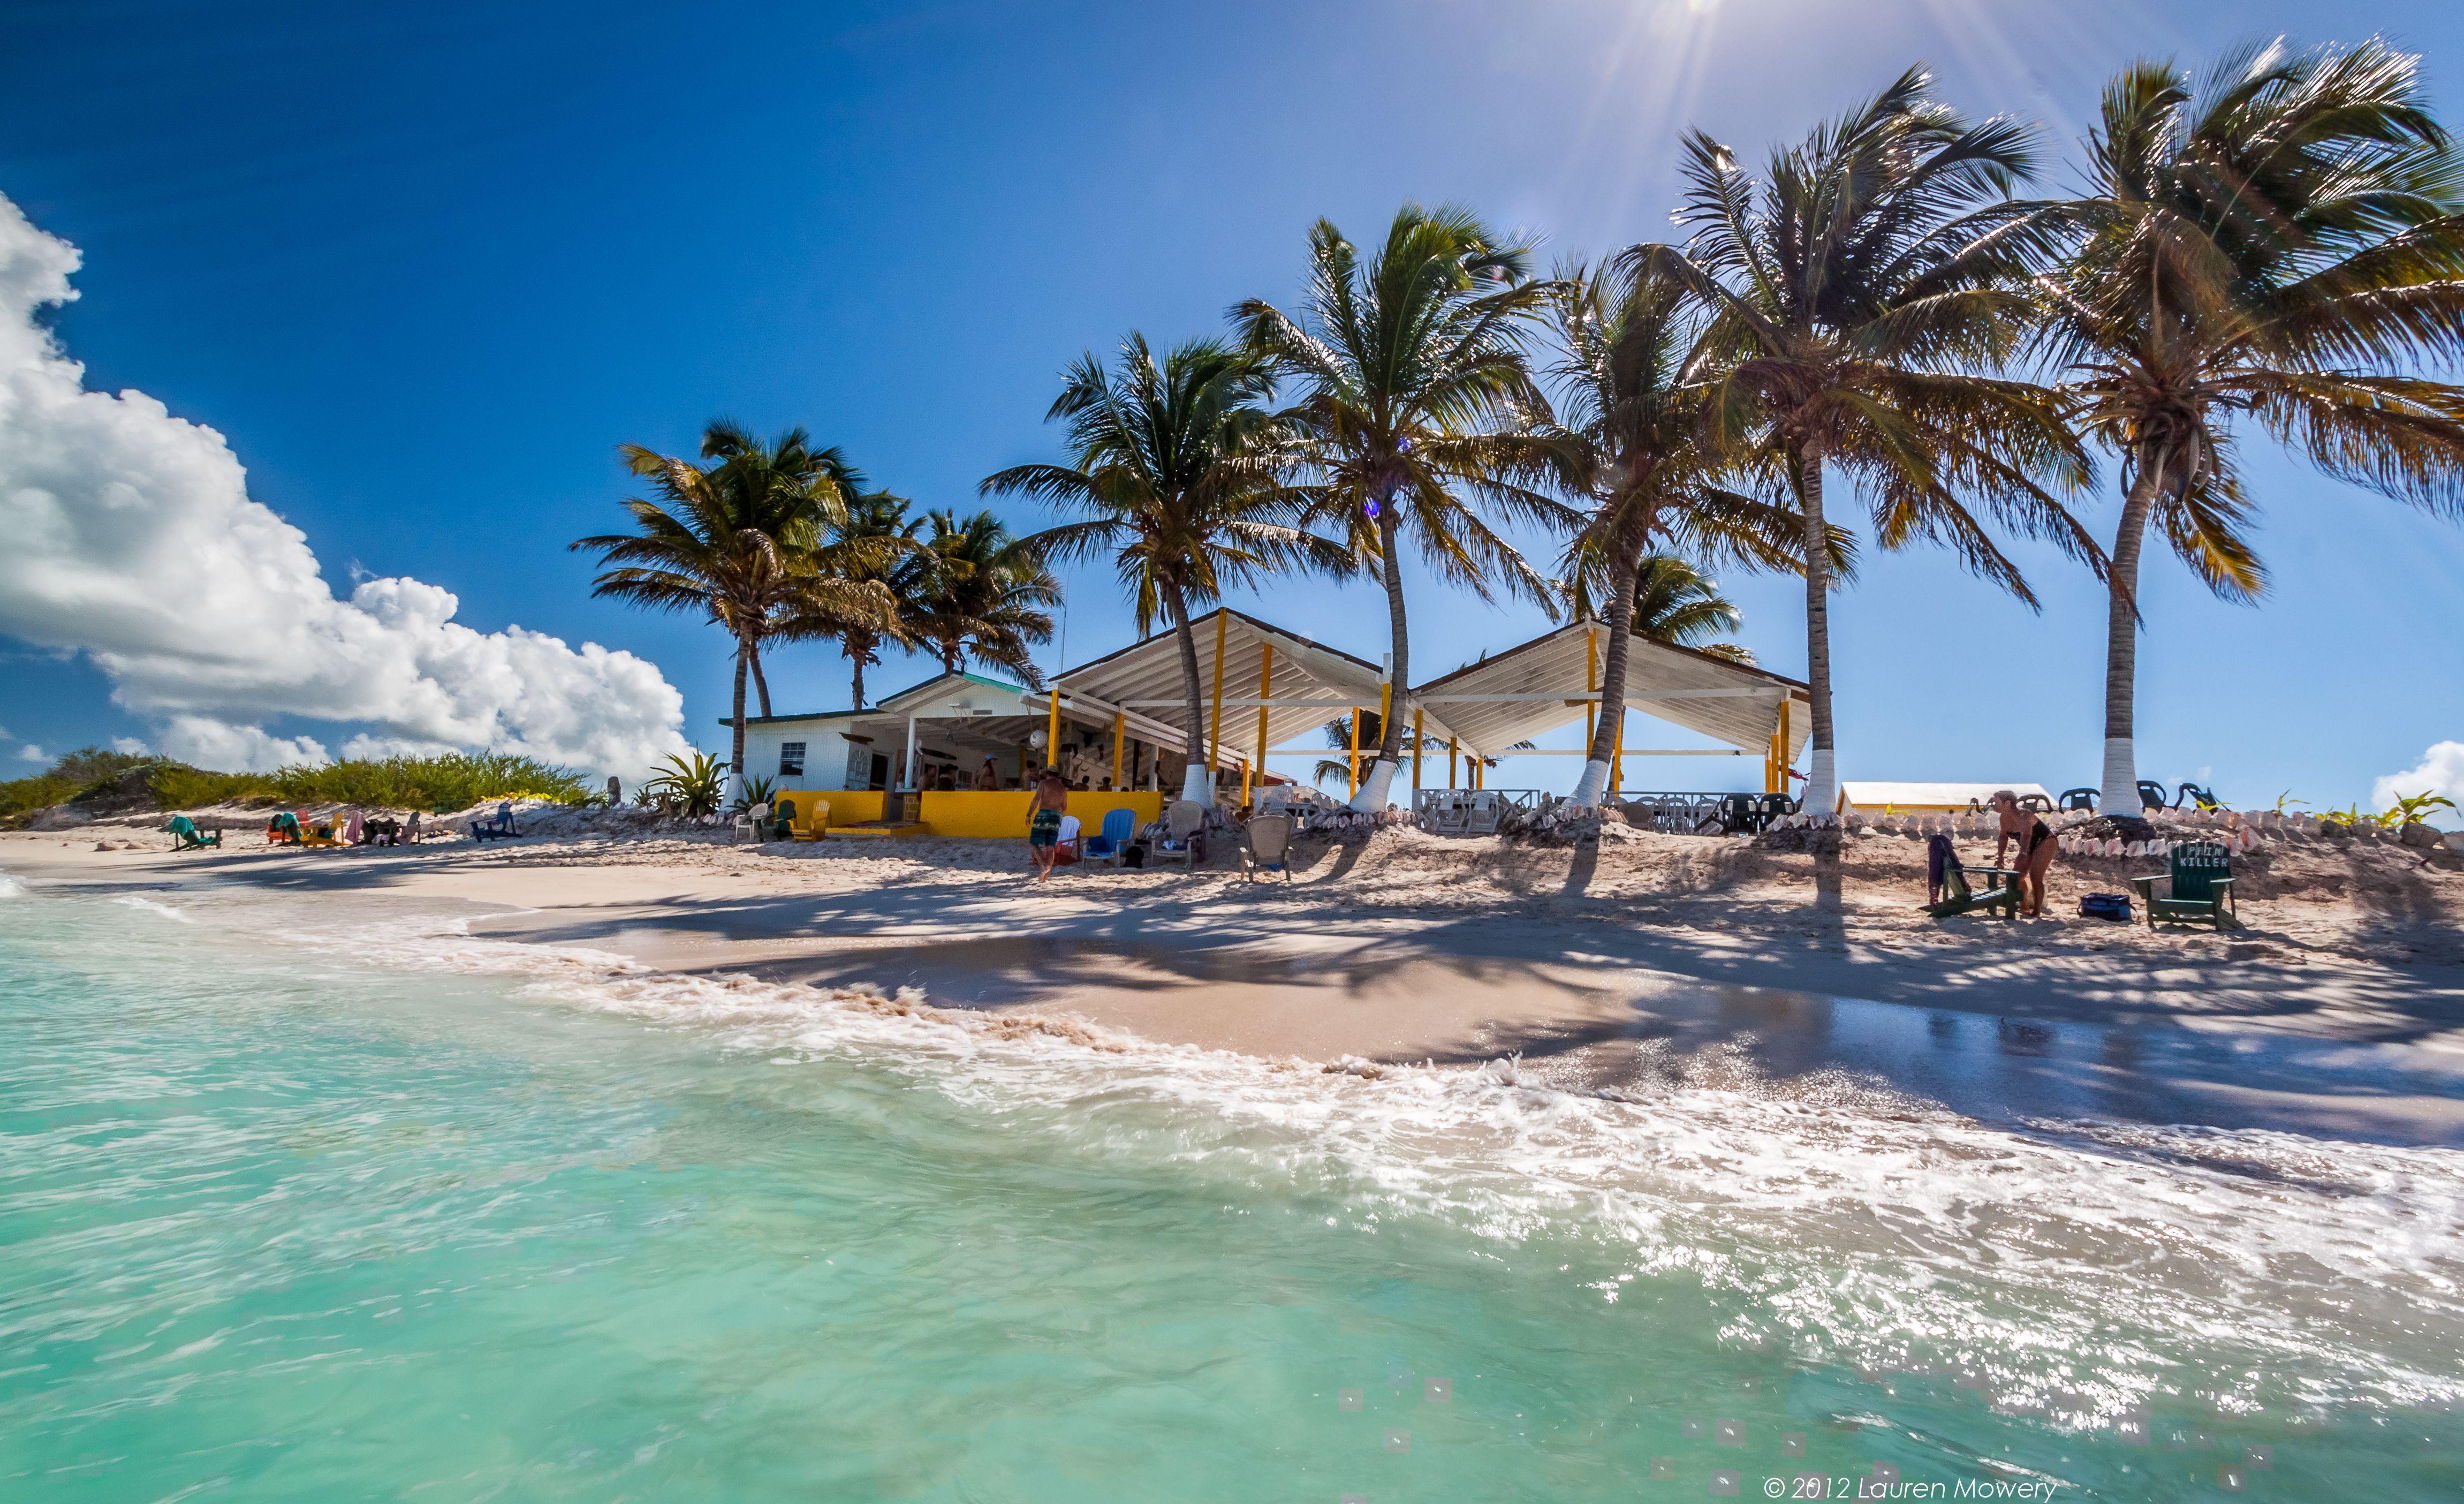 This could be heaven. Cow Wreck beach bar on Anegada, BVI. #Caribbean #BVI